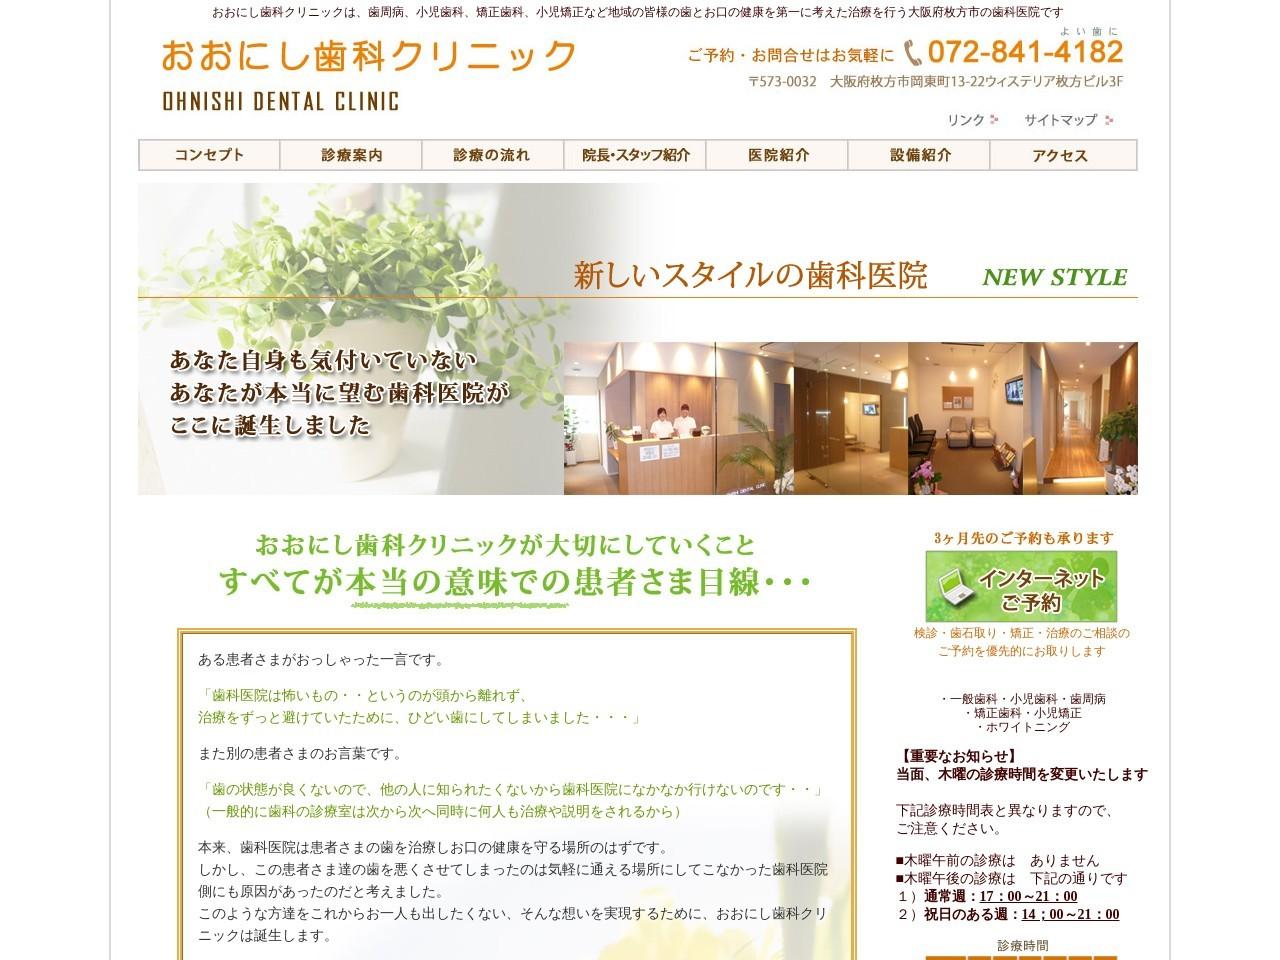 医療法人謙信会  おおにし歯科クリニック (大阪府枚方市)